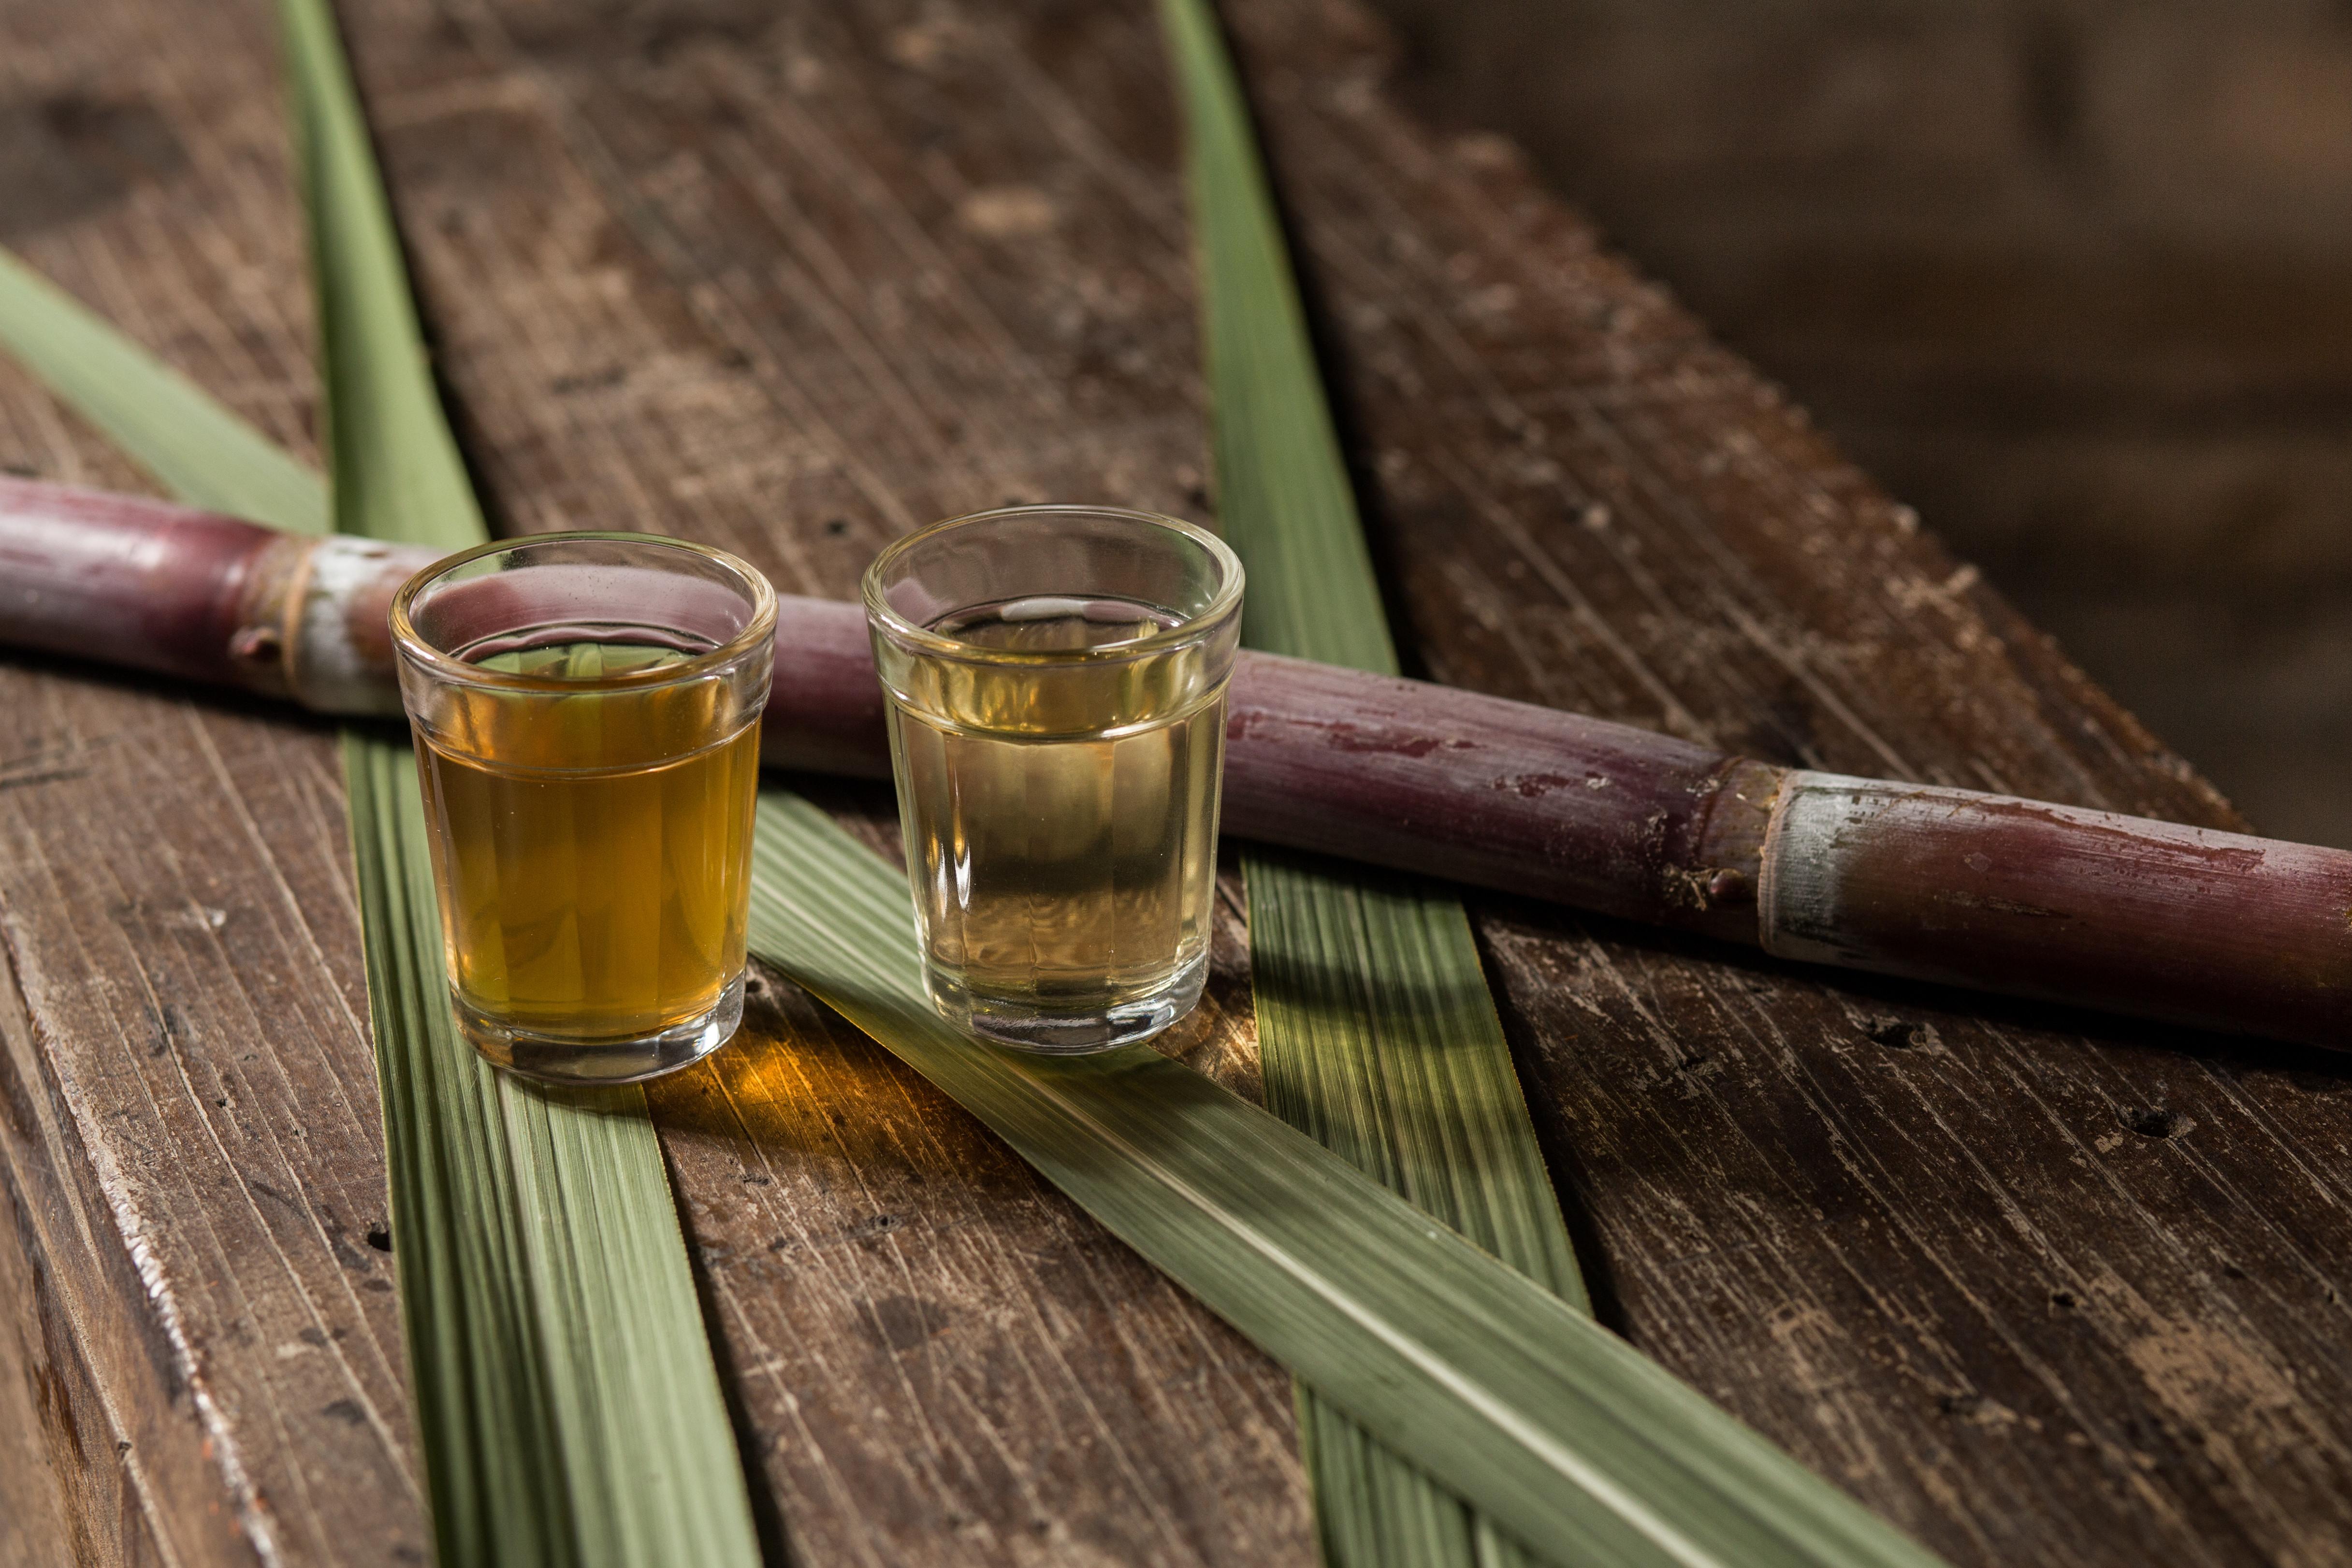 Rum Tasting Session